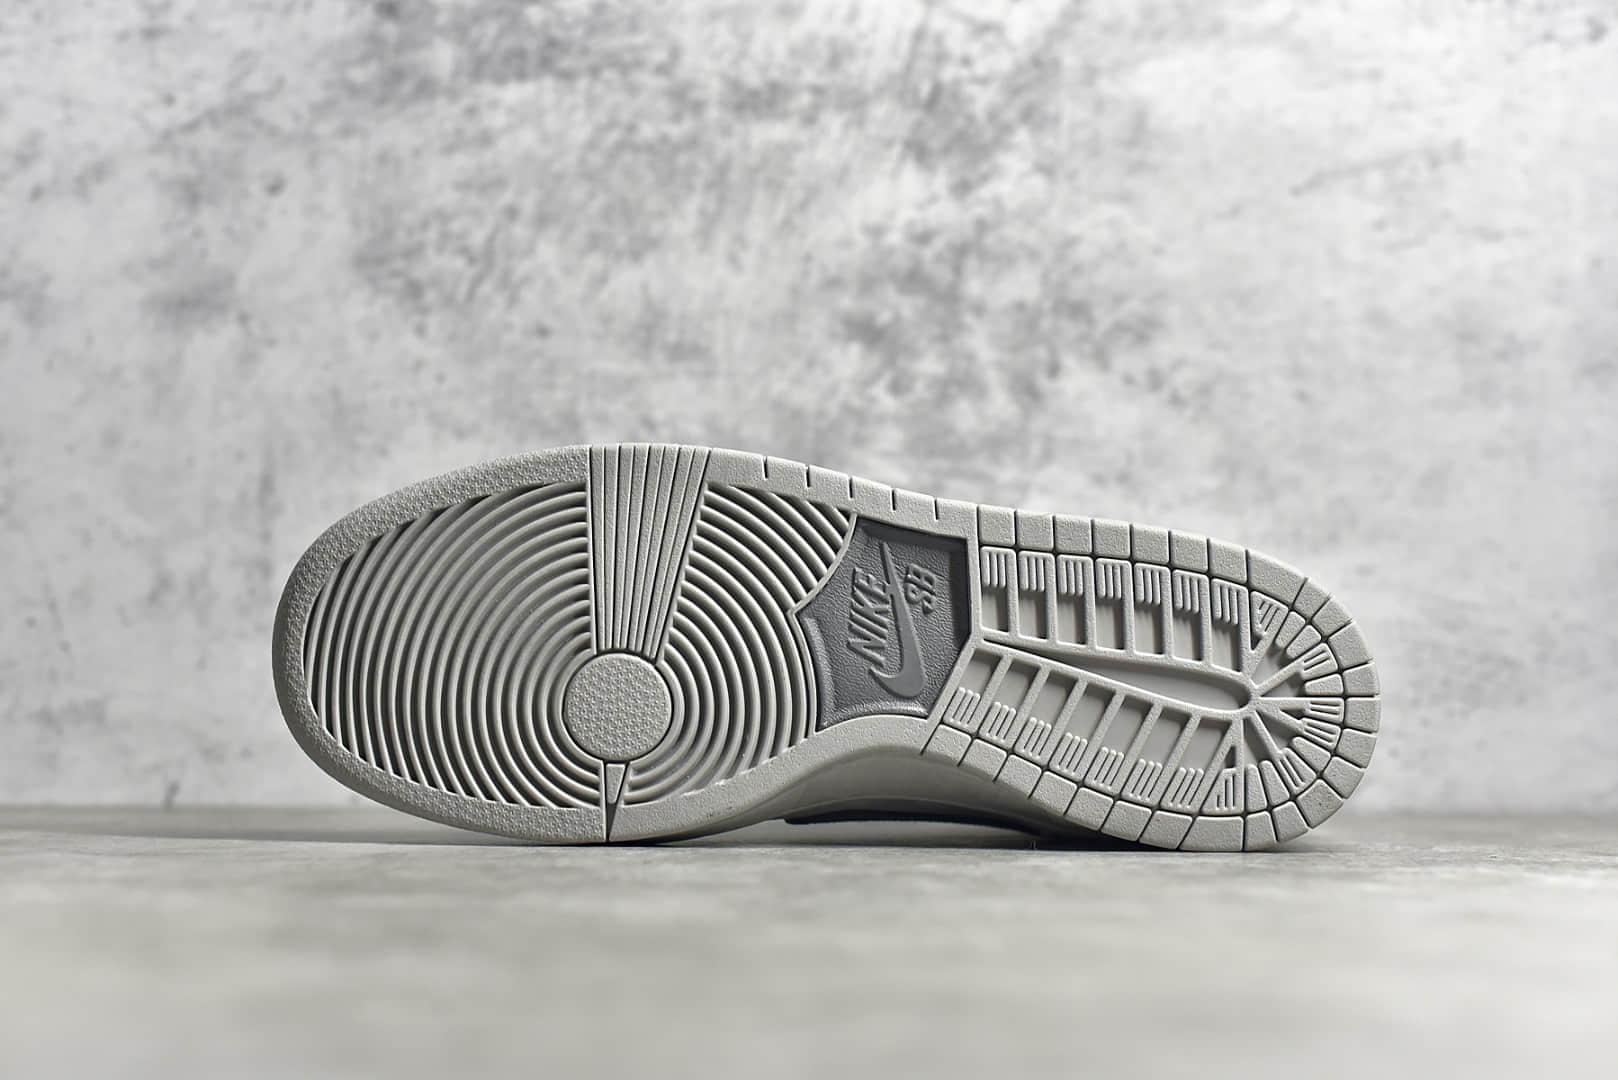 耐克Dunk SB灰色麂皮高帮 Nike Dunk SB High 耐克Dunk SB卫冕冠军联名耐克最高品质 货号:313171 036-潮流者之家